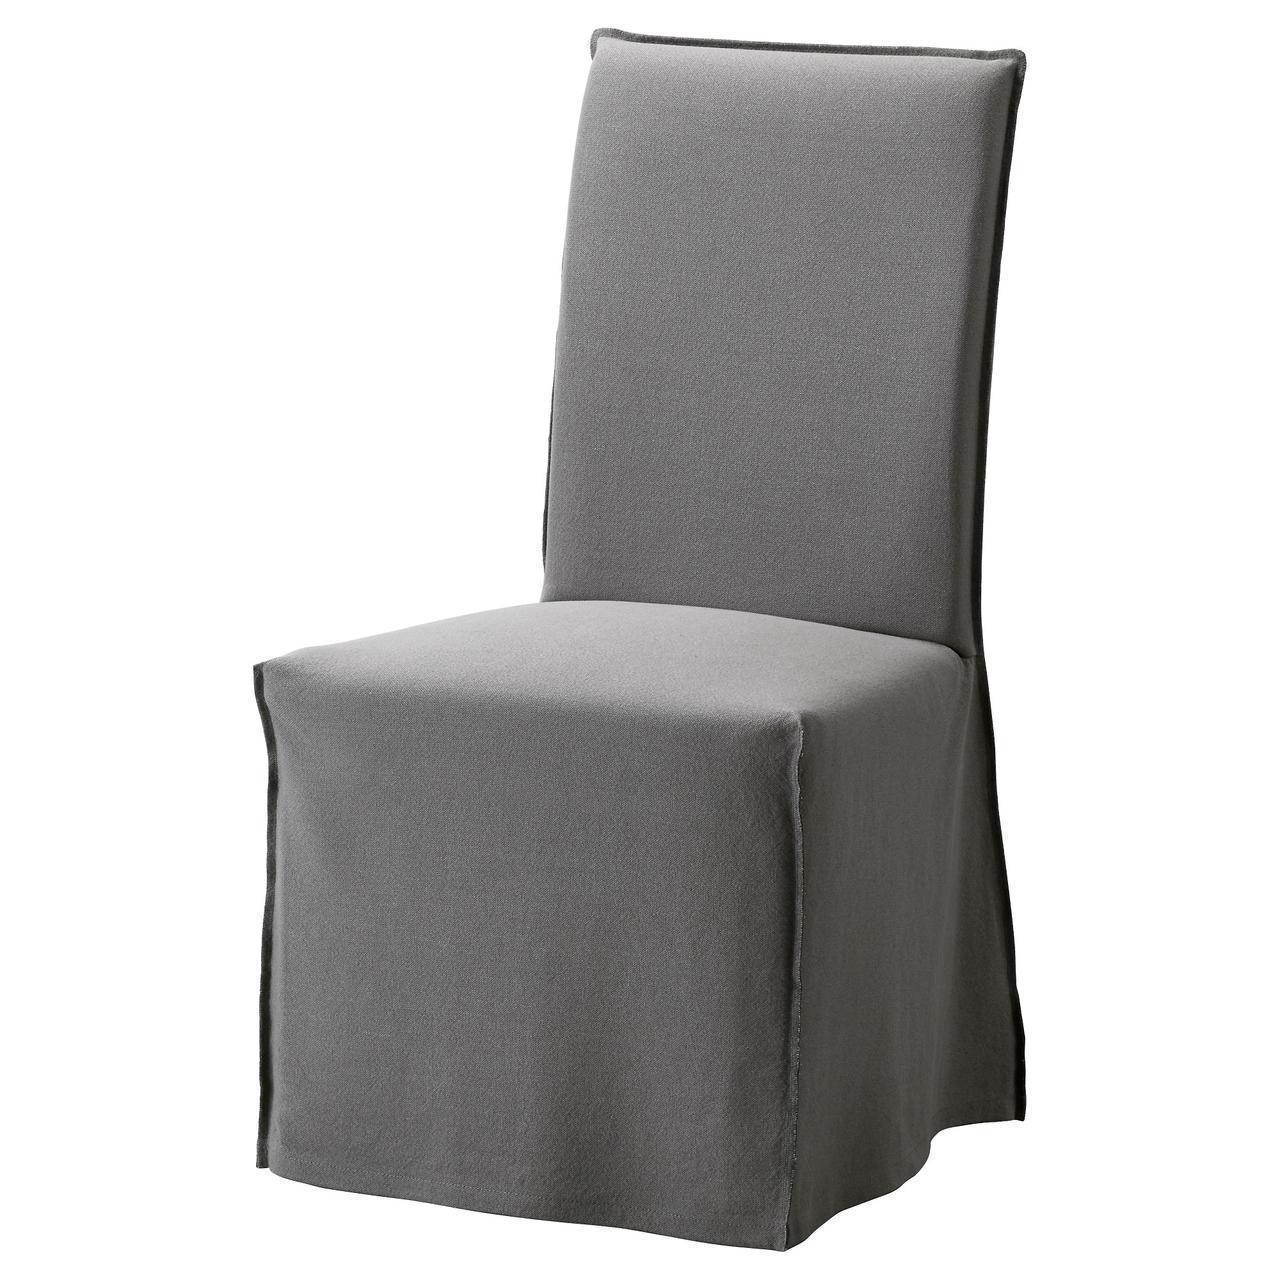 IKEA HENRIKSDAL Чехол для сиденья стула, длинная, Рисан серый  (503.016.37)